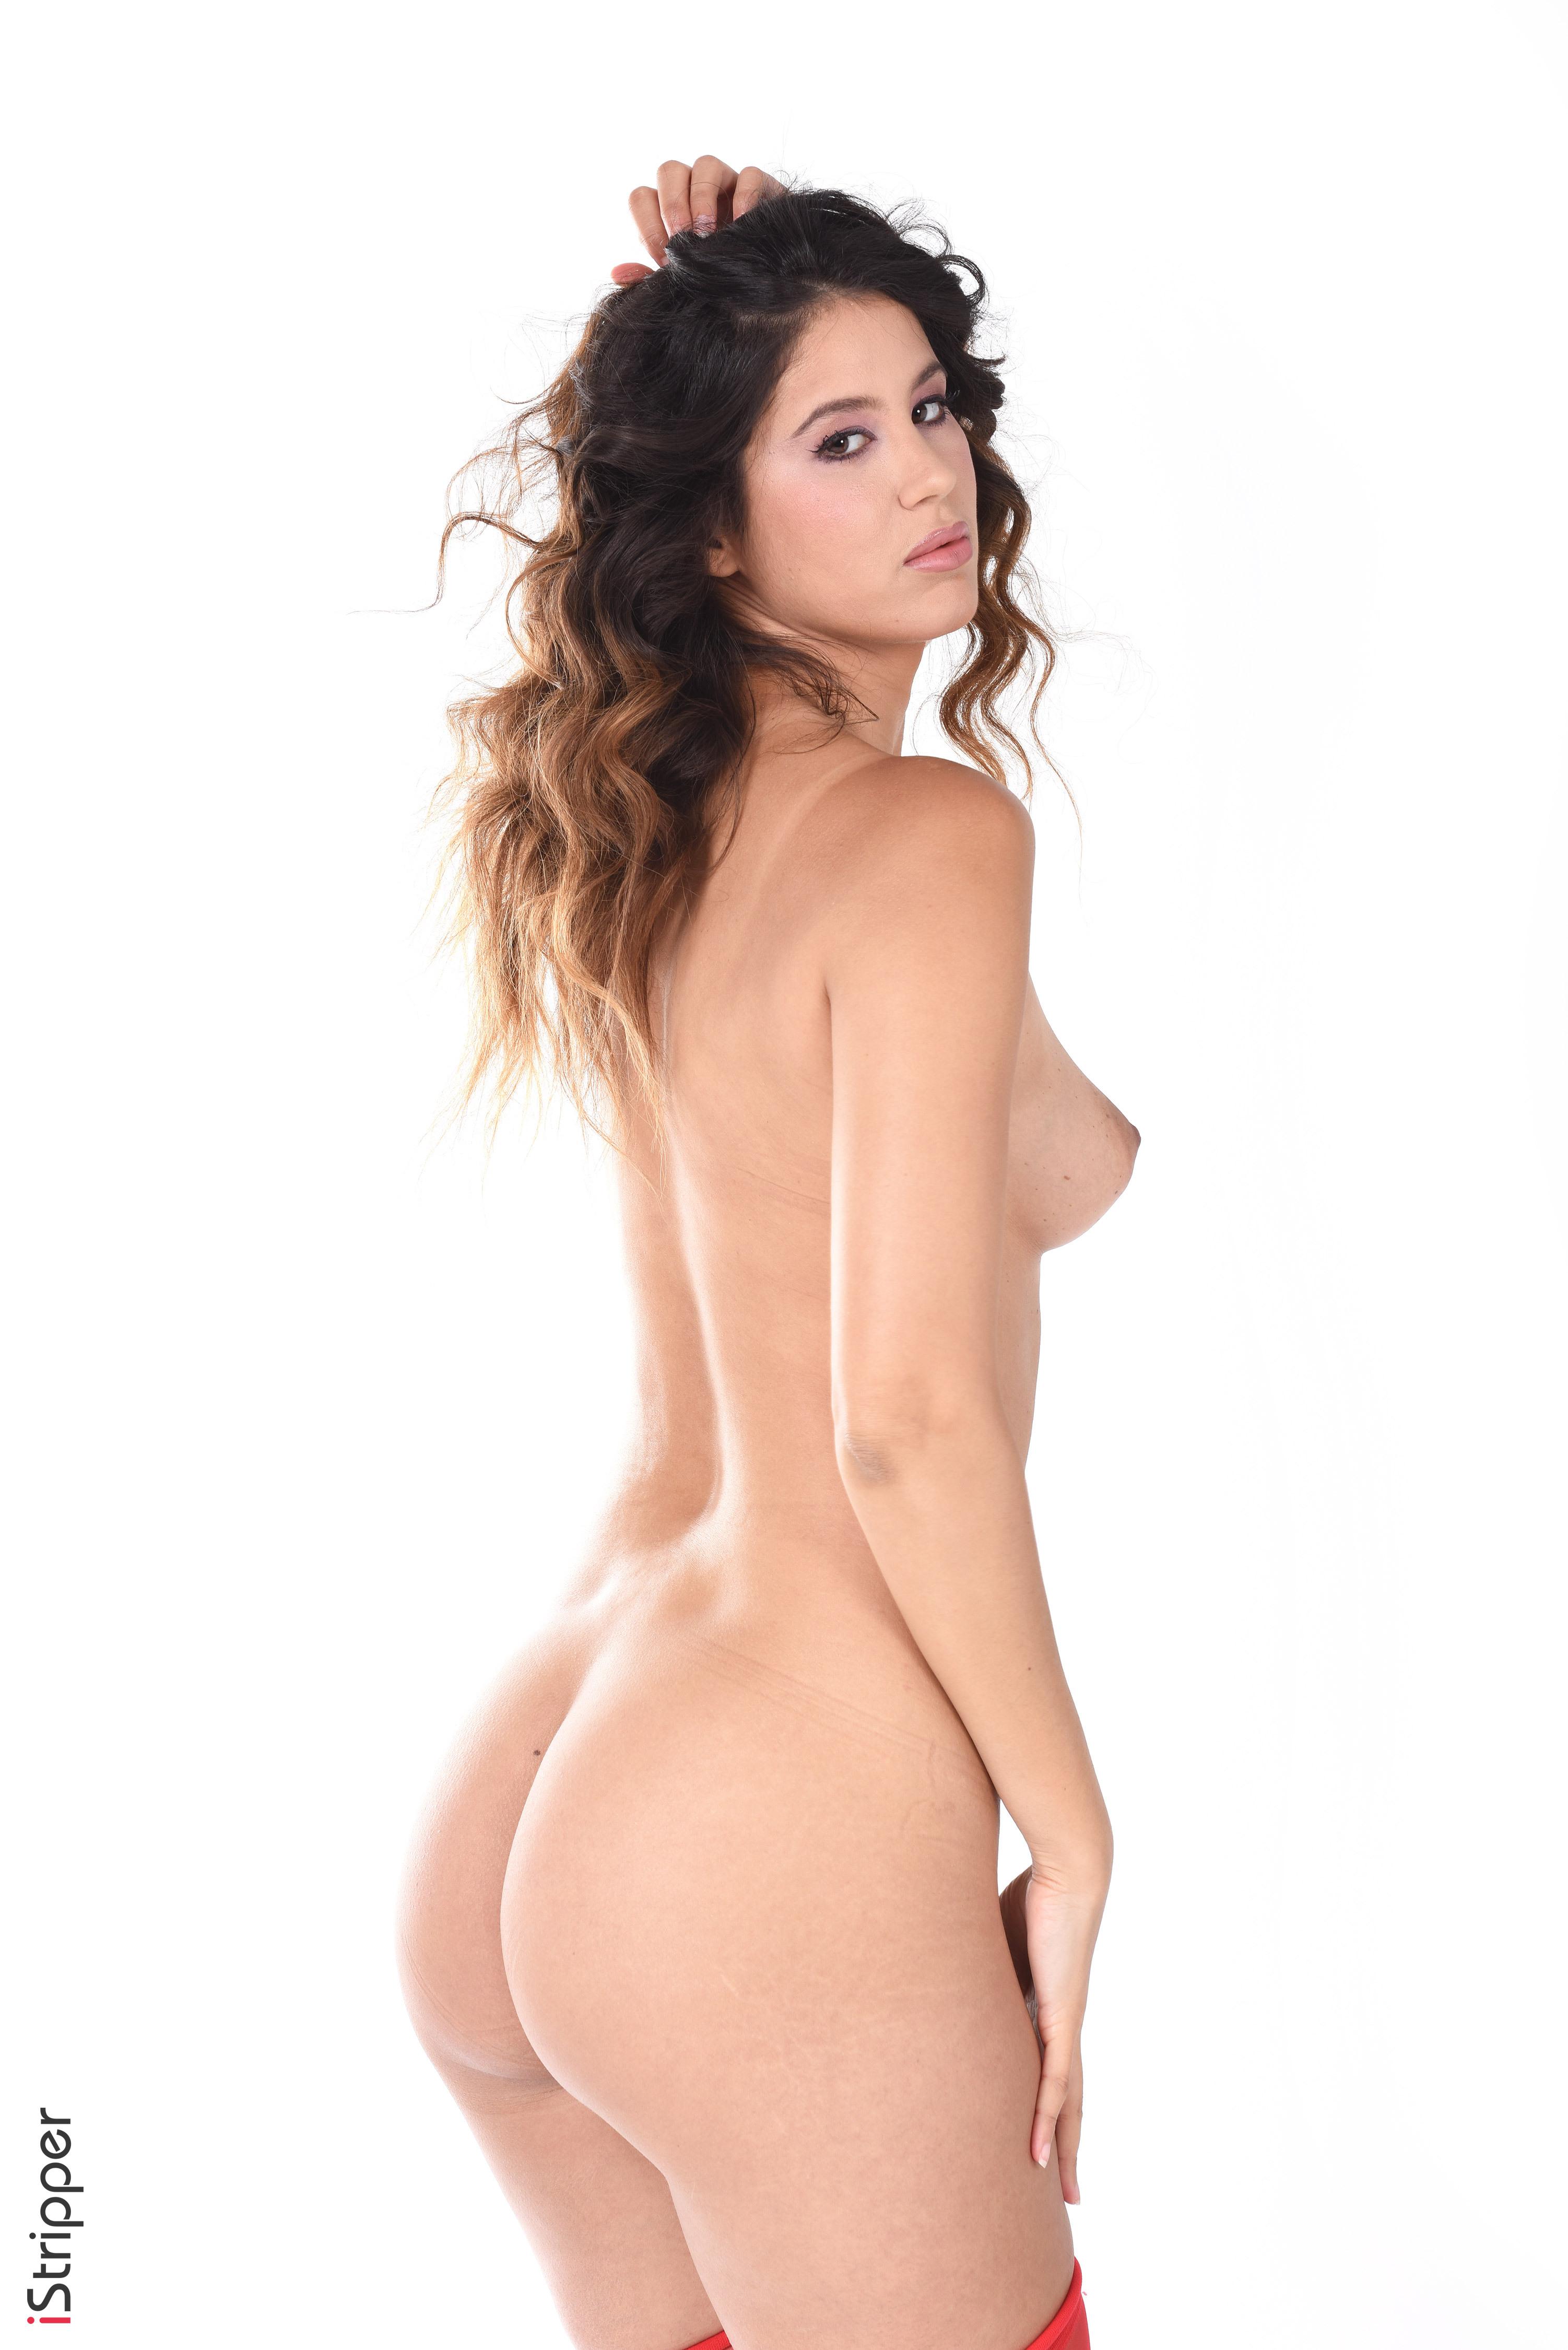 free nude women wallpaper